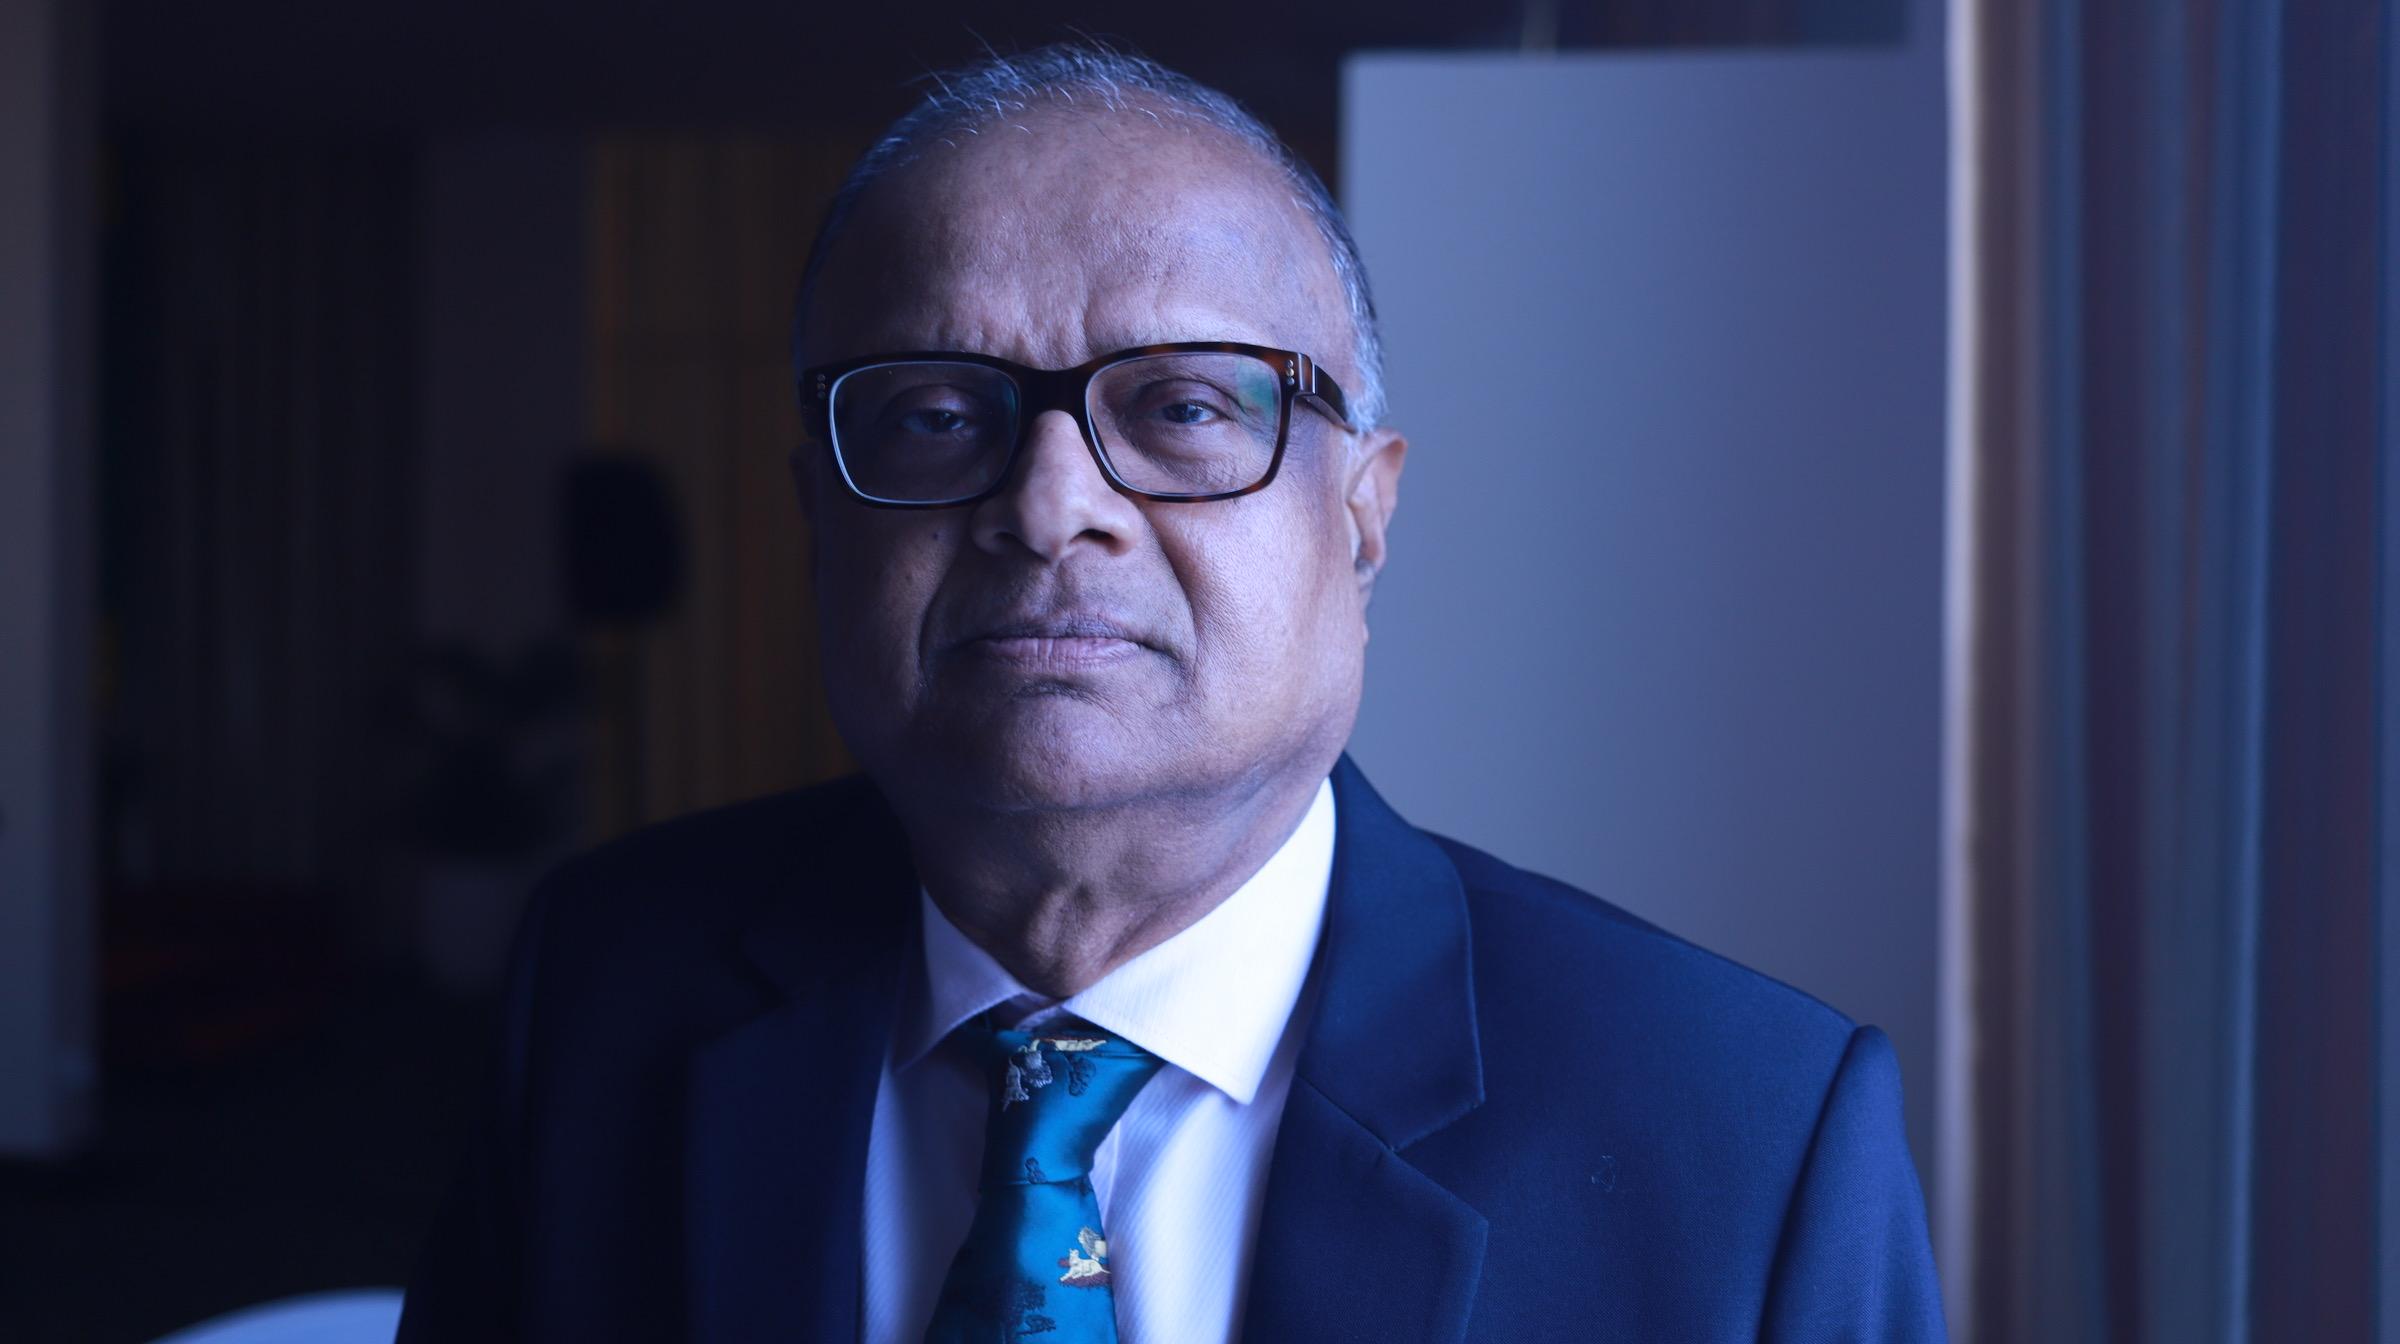 Dr Kamal Kar profile photos by amit sengupta